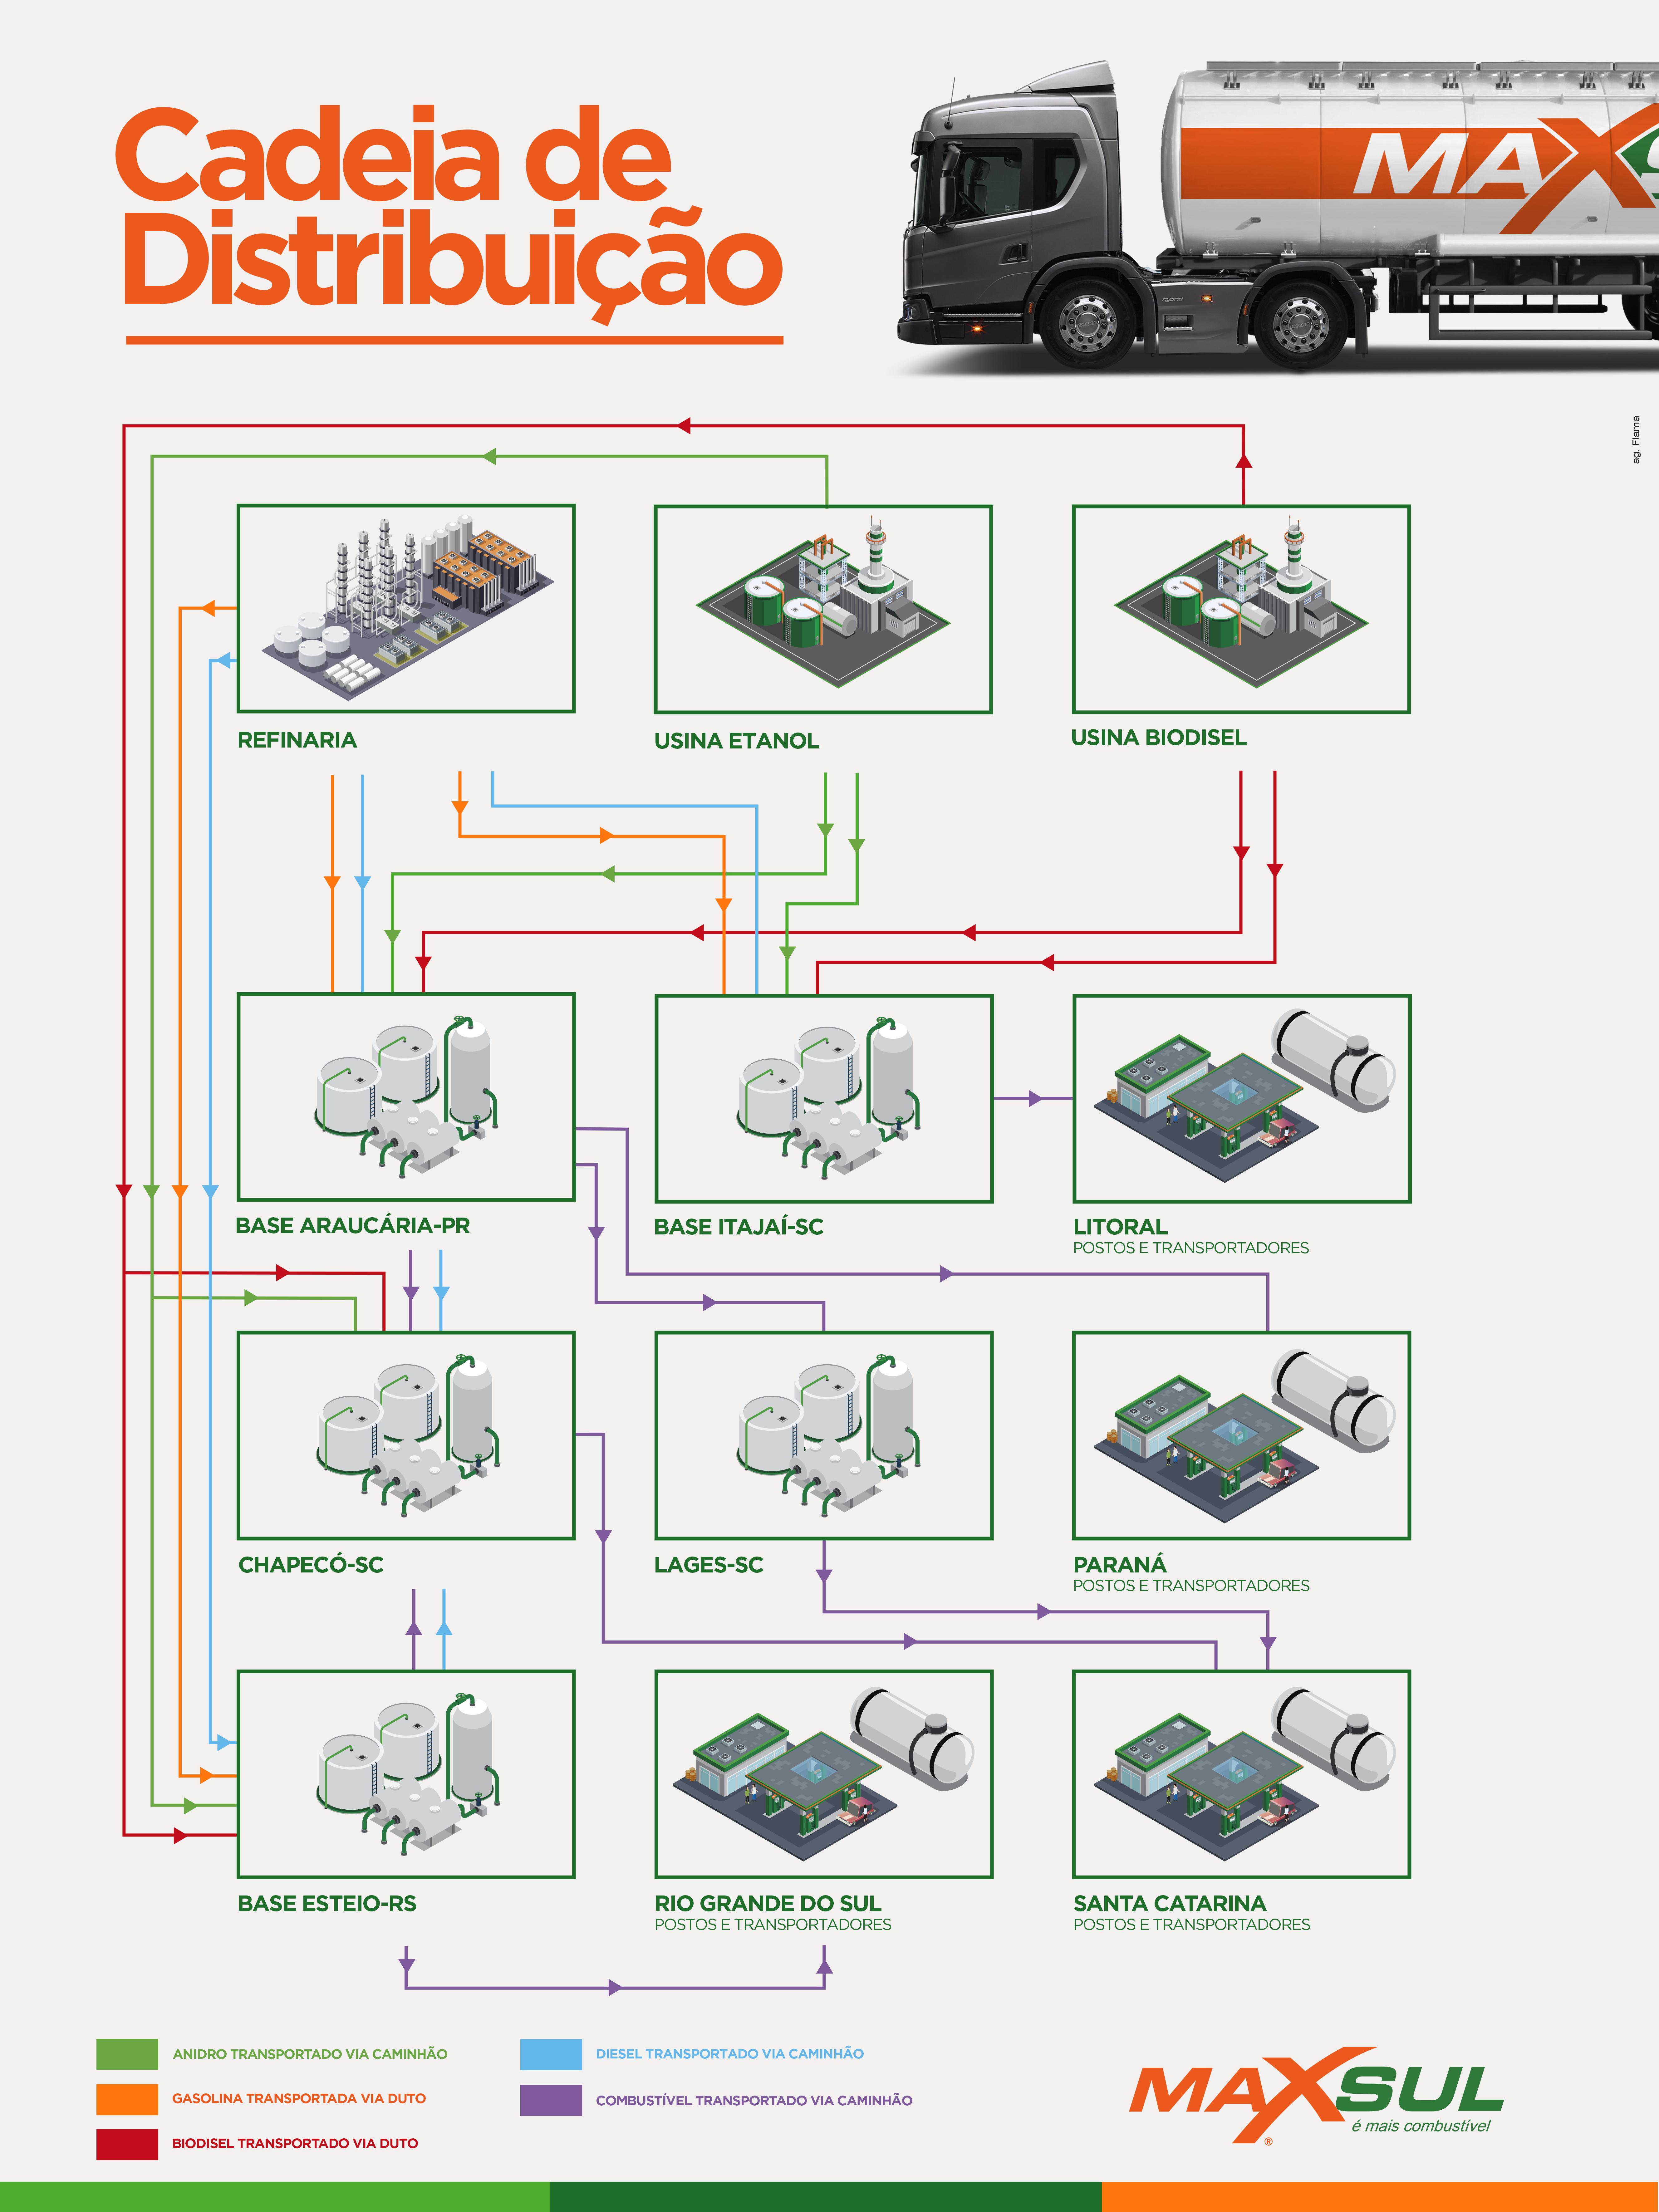 Cadeia de distribuição